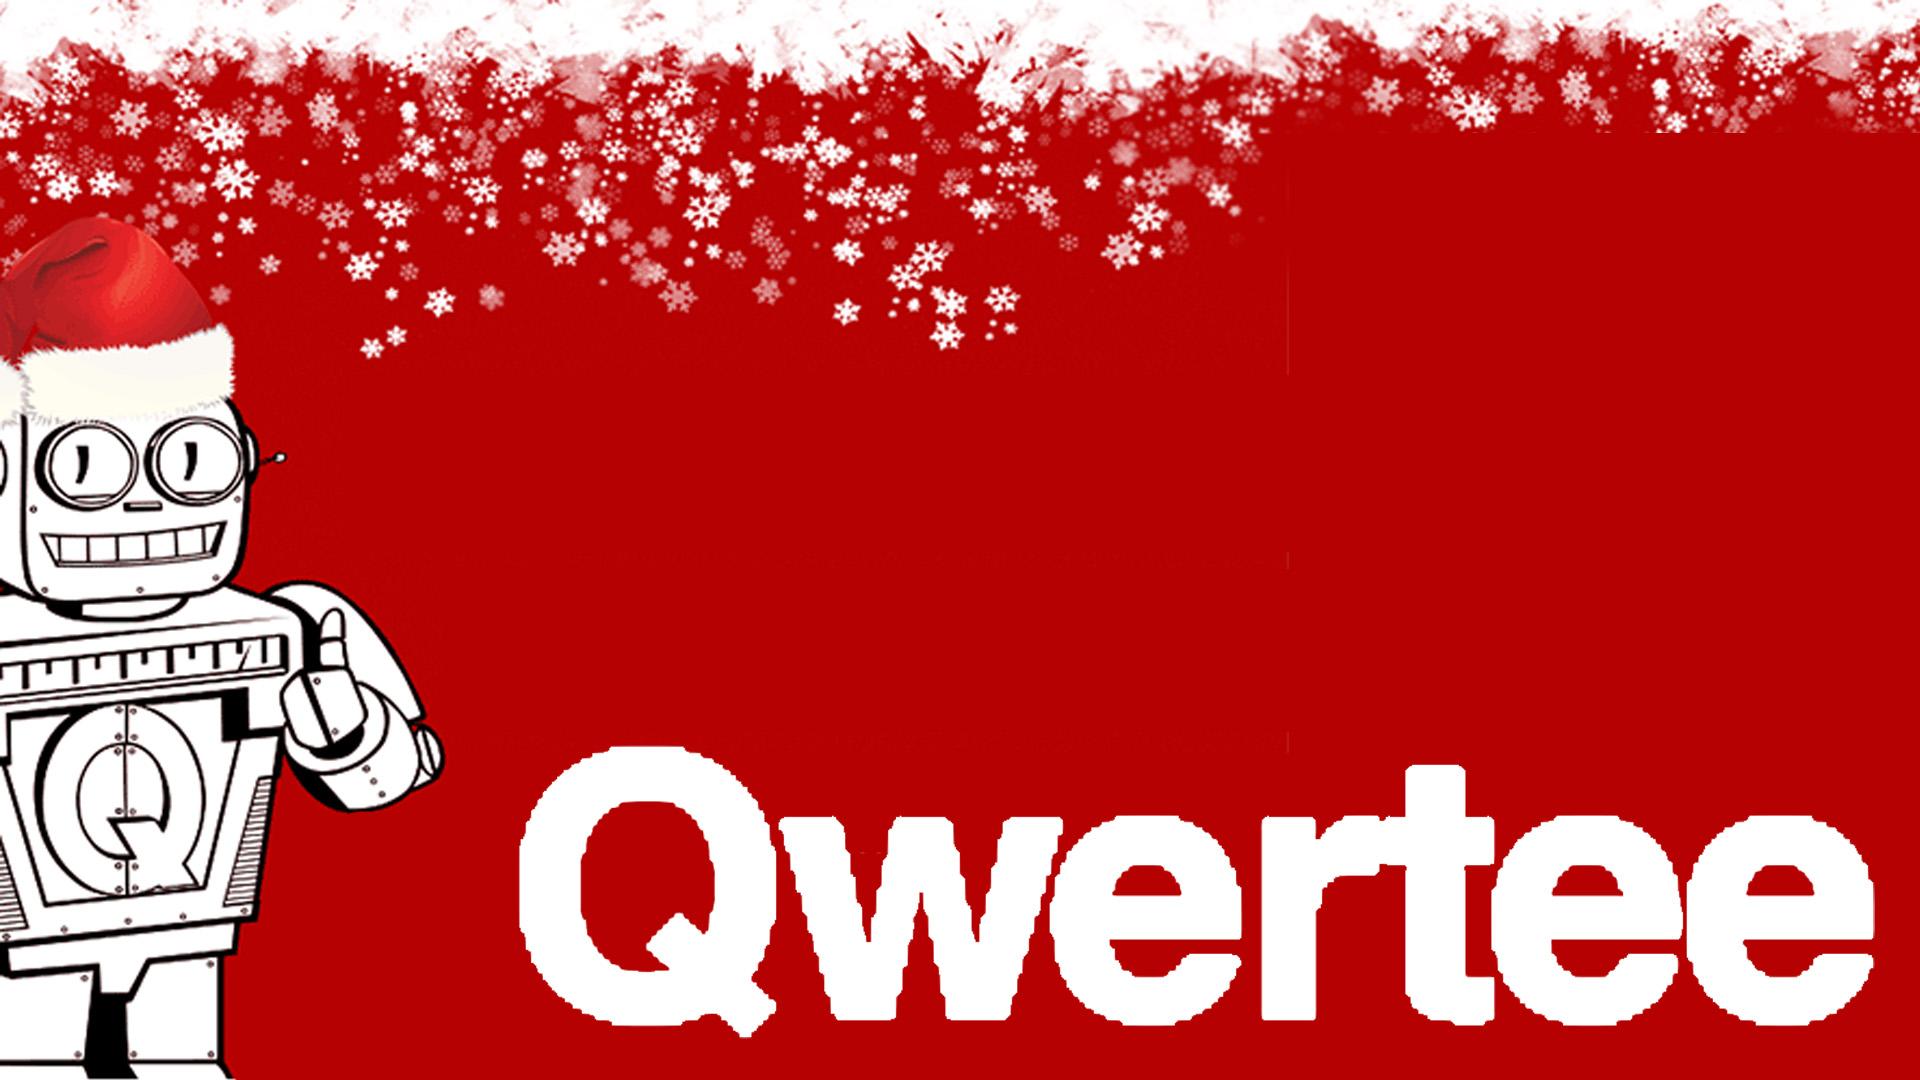 Mi experiencia comprando en Qwertee.com